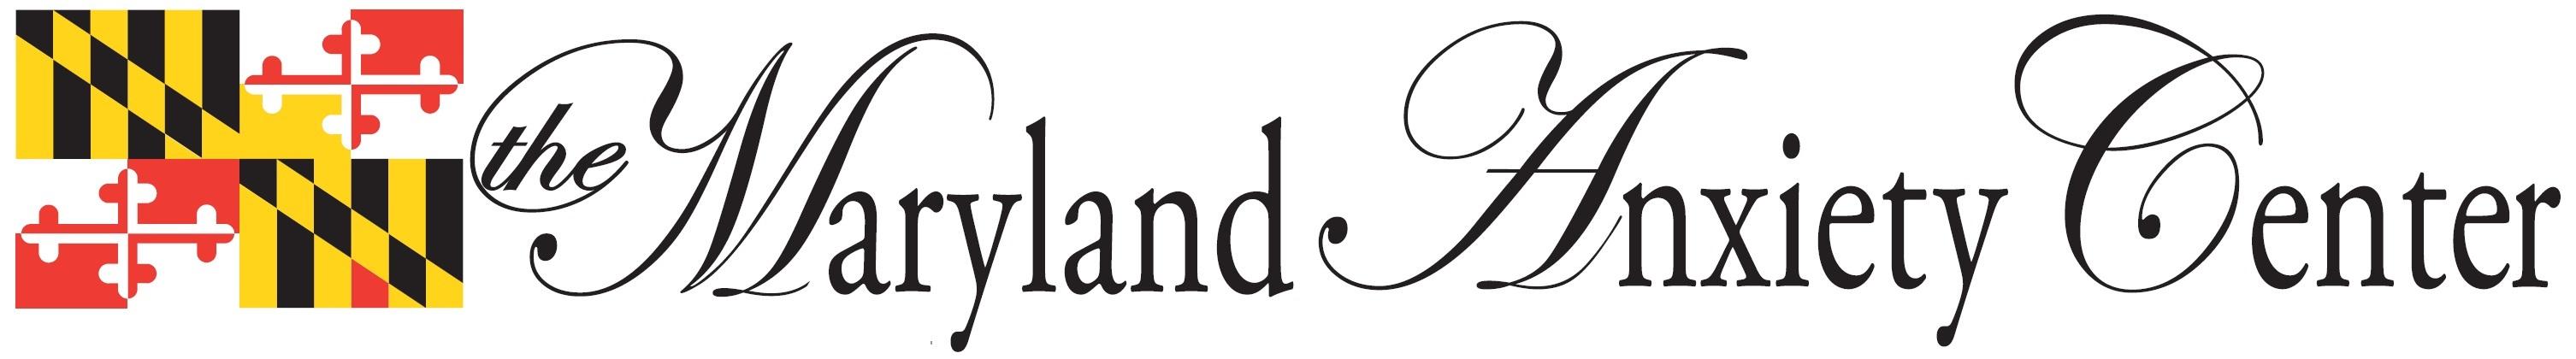 The Maryland Anxiety Center main logo